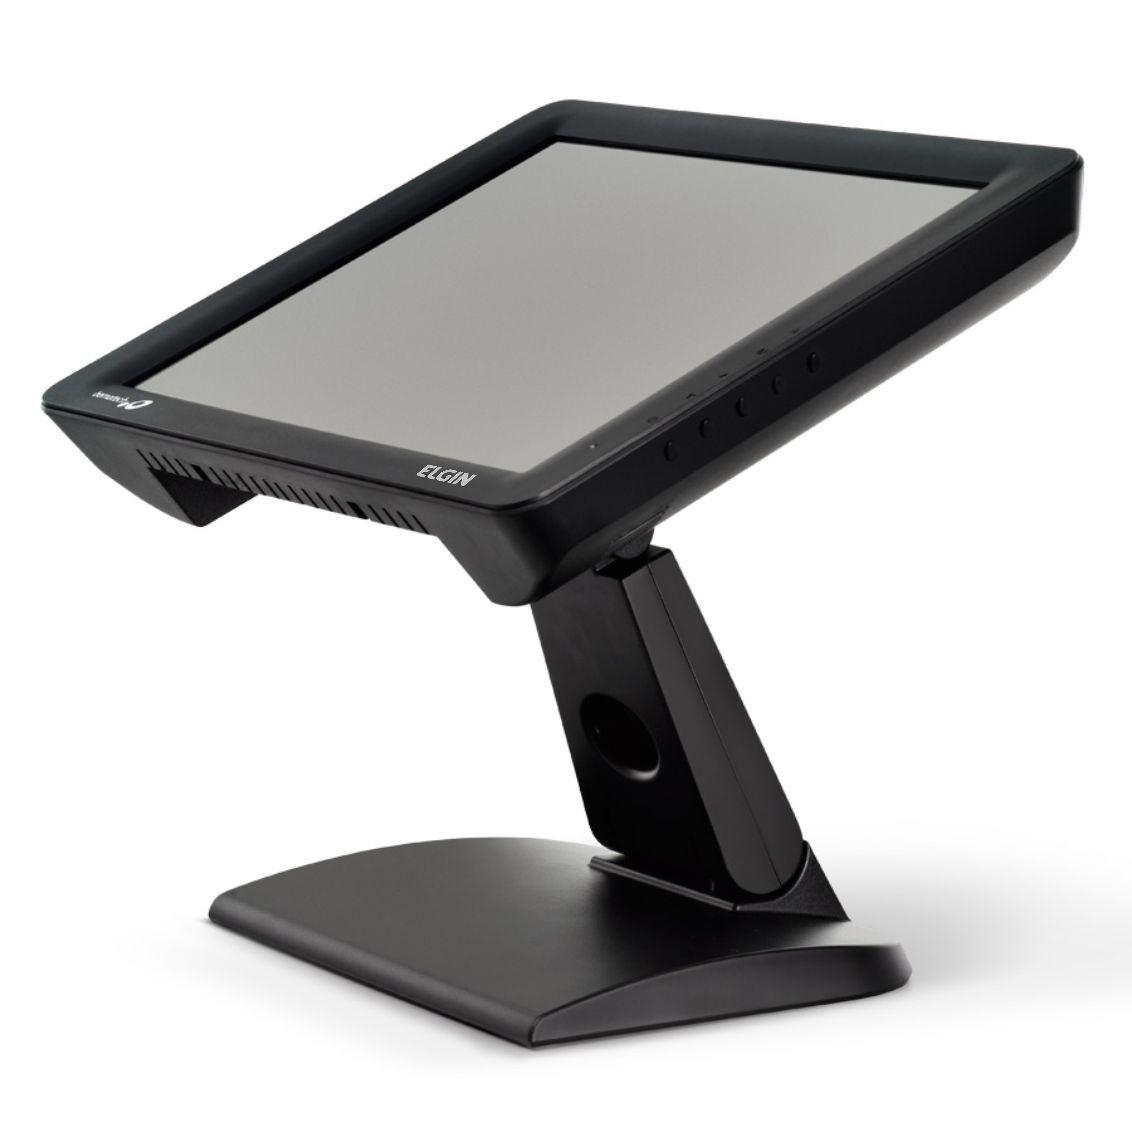 Monitor E-Touch2 ELGIN  - Loja Campinas WCOM Soluções